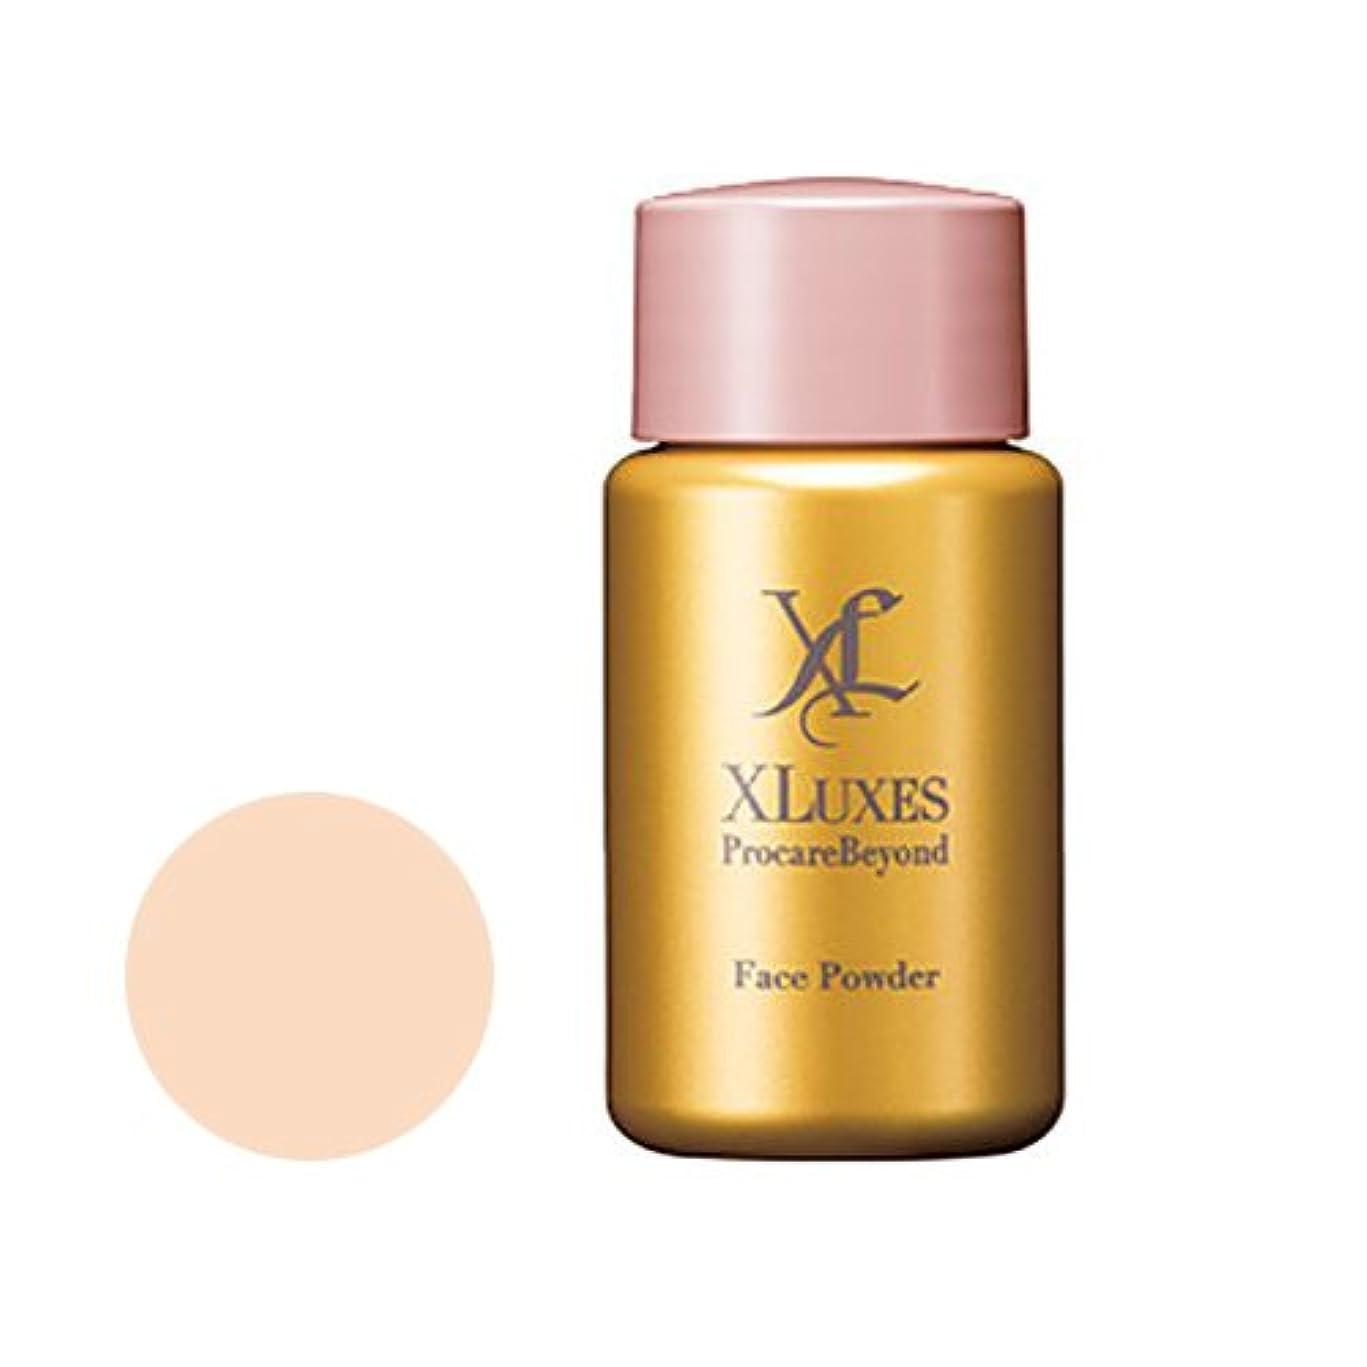 日食ええの量XLUXES フェイスパウダーレフィル ダイヤモンドパウダー配合 (アイボリー) 10g